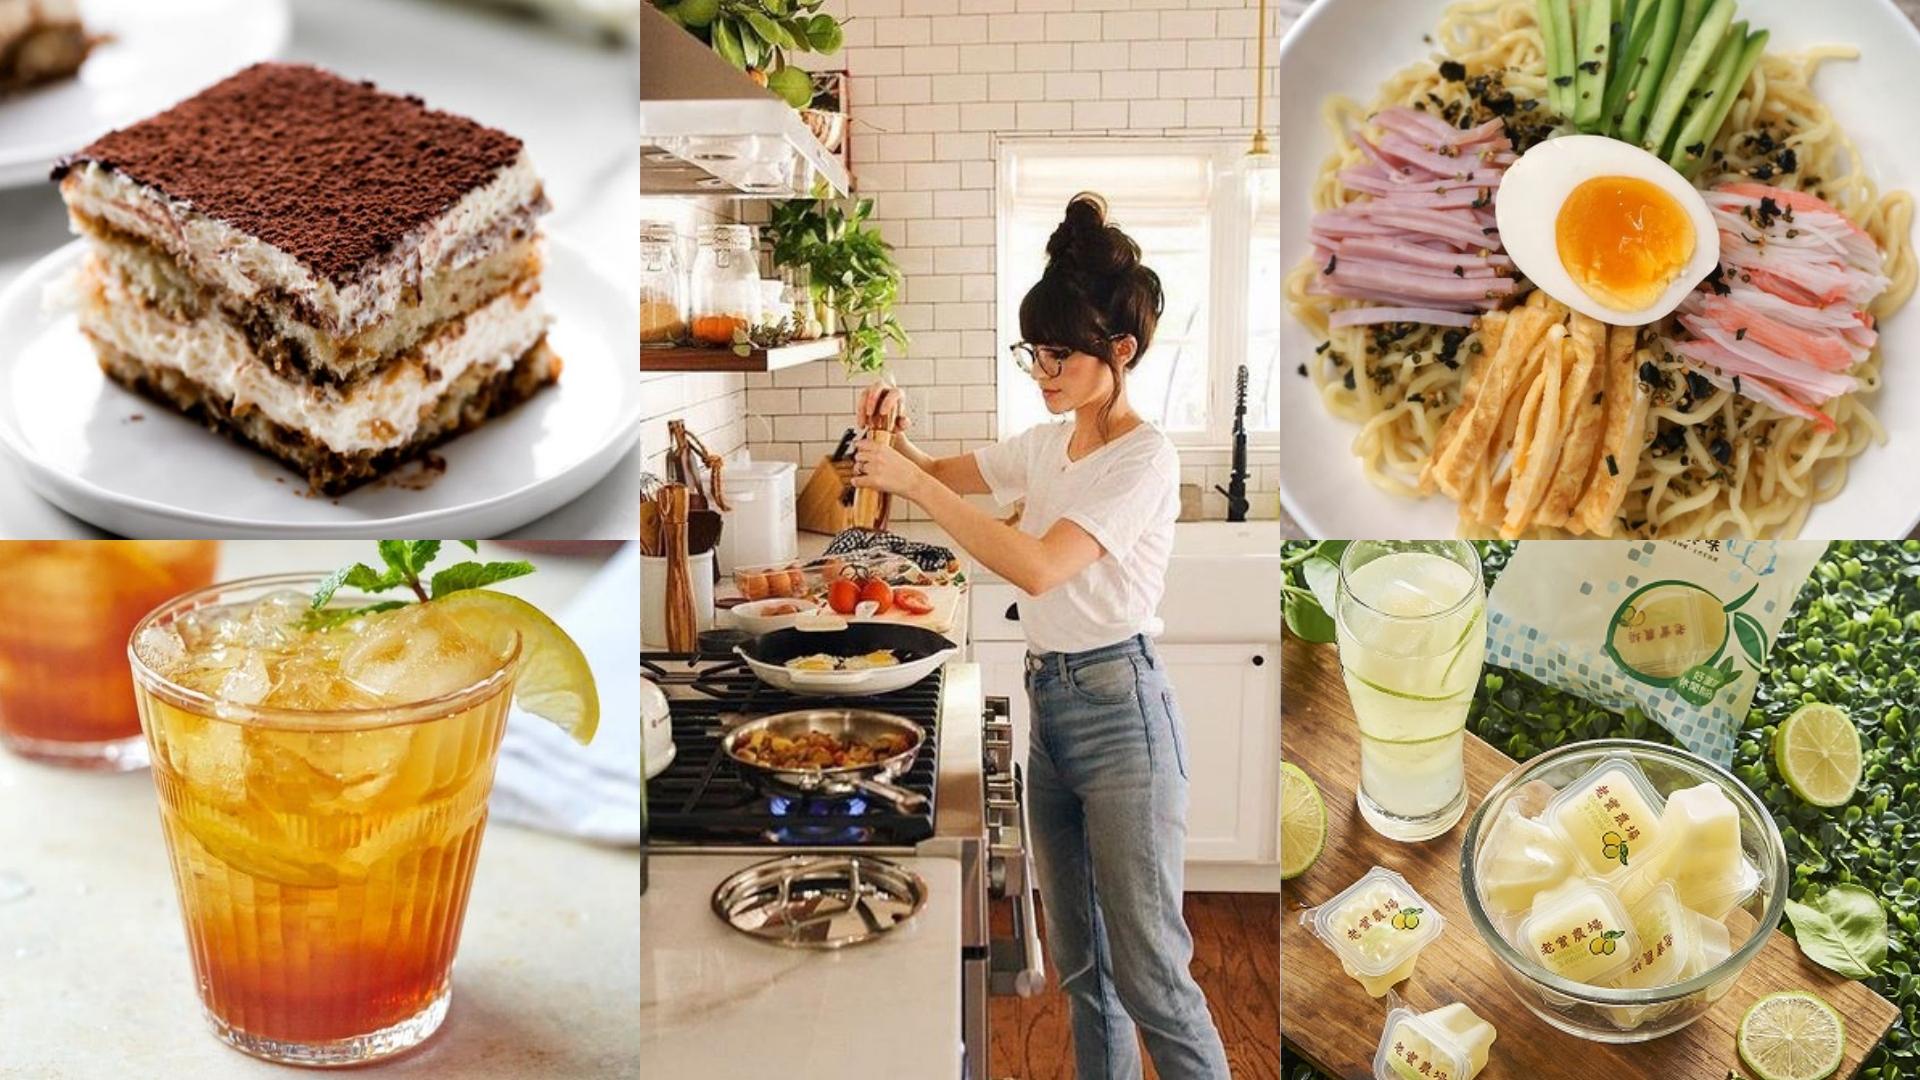 全聯真的是大家方便的煮菜好幫手,無論甜點或是小吃,都能輕鬆自己做!